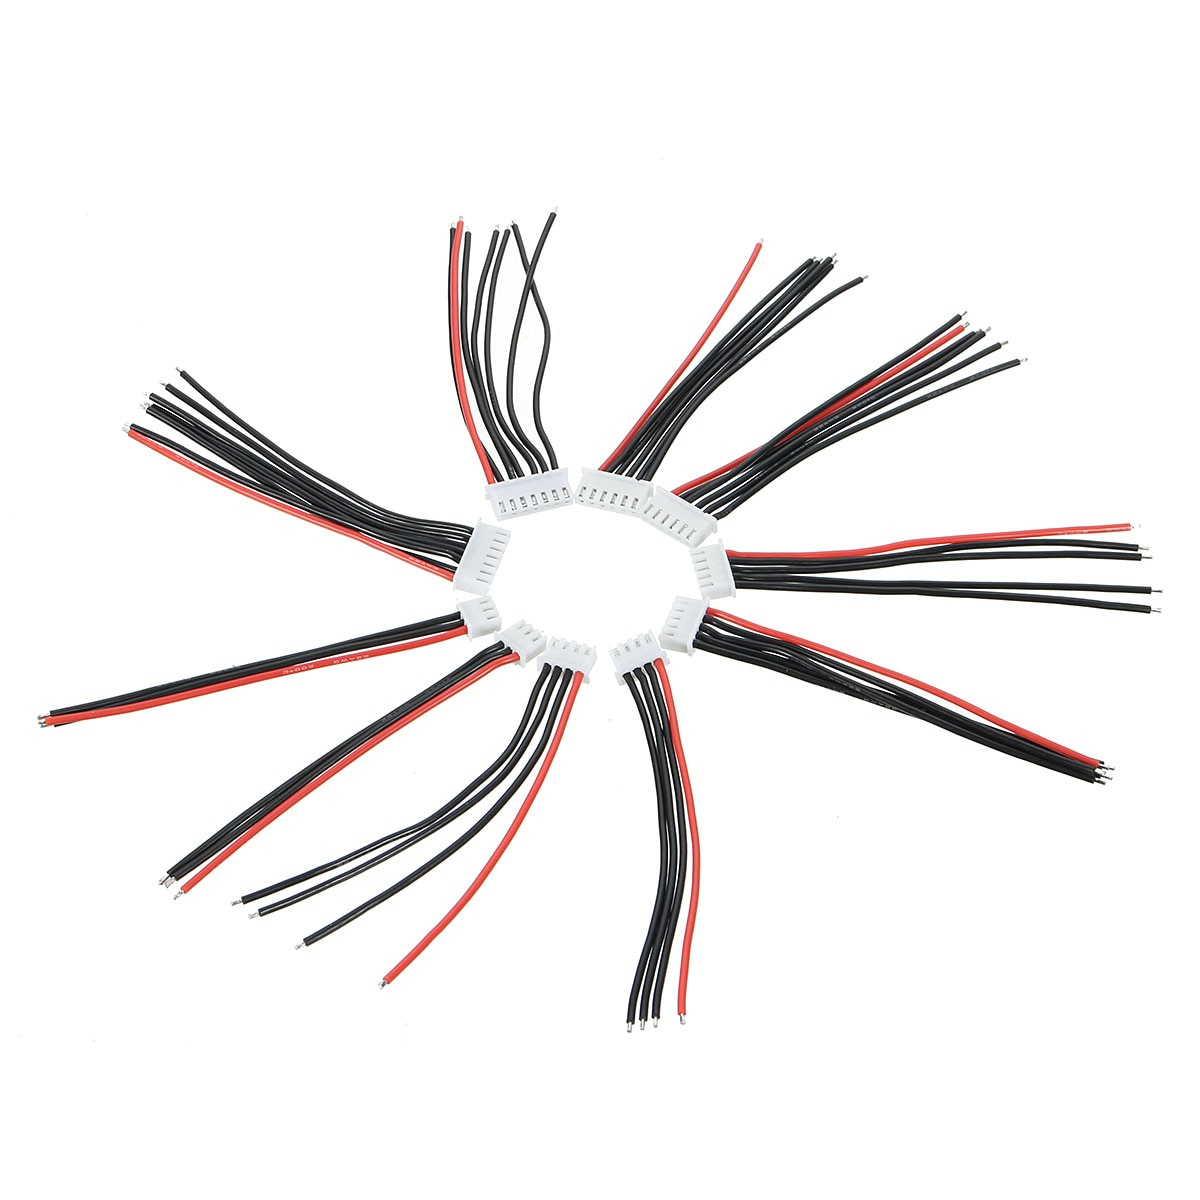 10 шт. JST-XH разъем 2-6S Imax B6 Баланс зарядный кабель провод адаптер Разъем 10 см